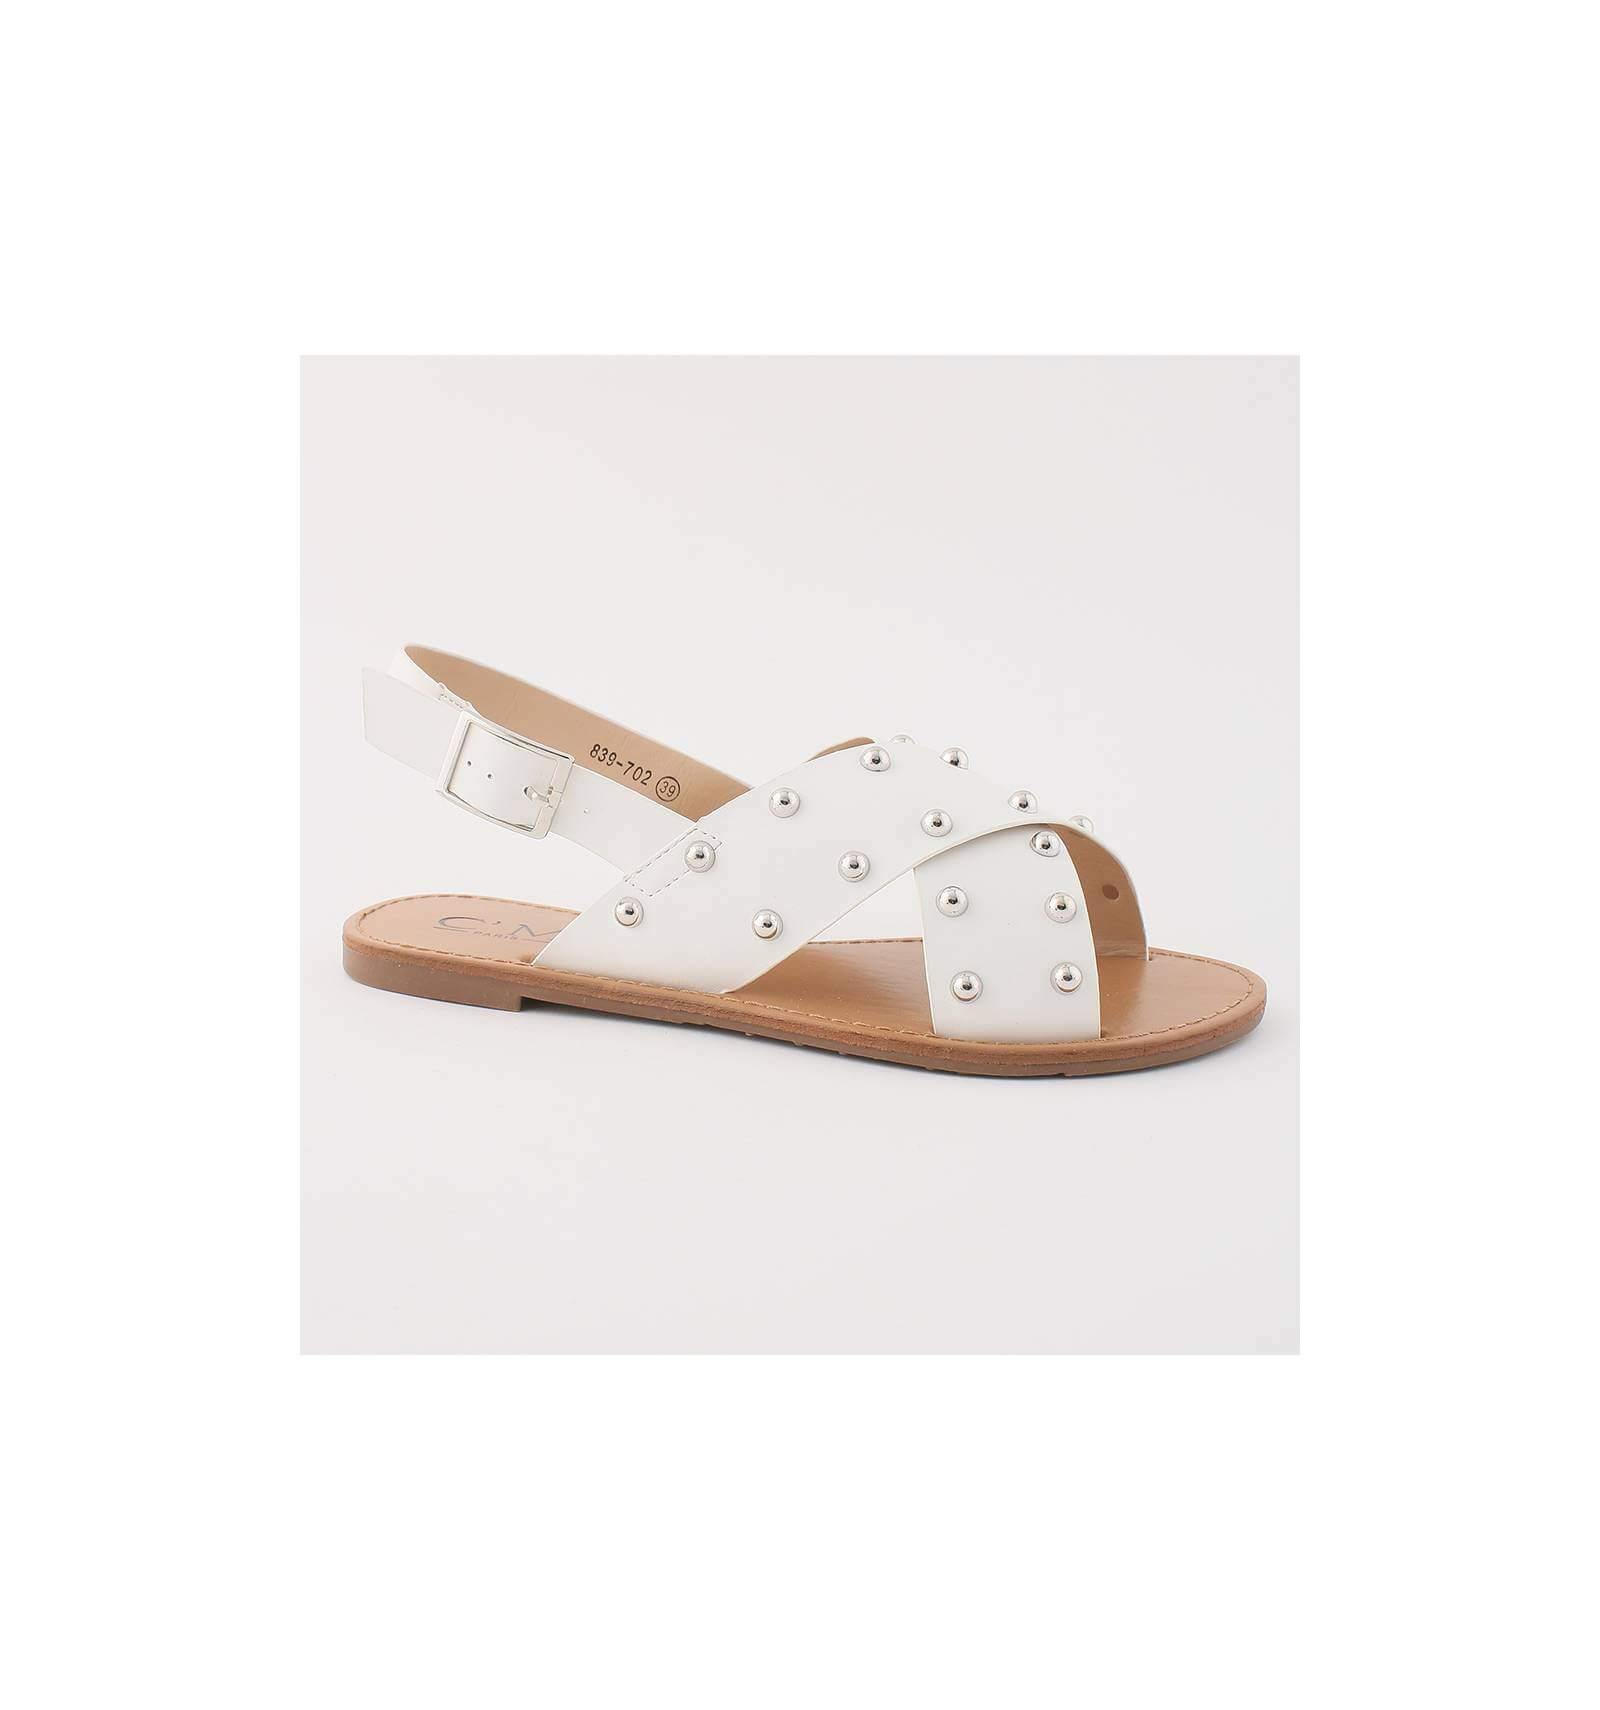 sandales spartiates blanches confortables plates pour femme tendance. Black Bedroom Furniture Sets. Home Design Ideas